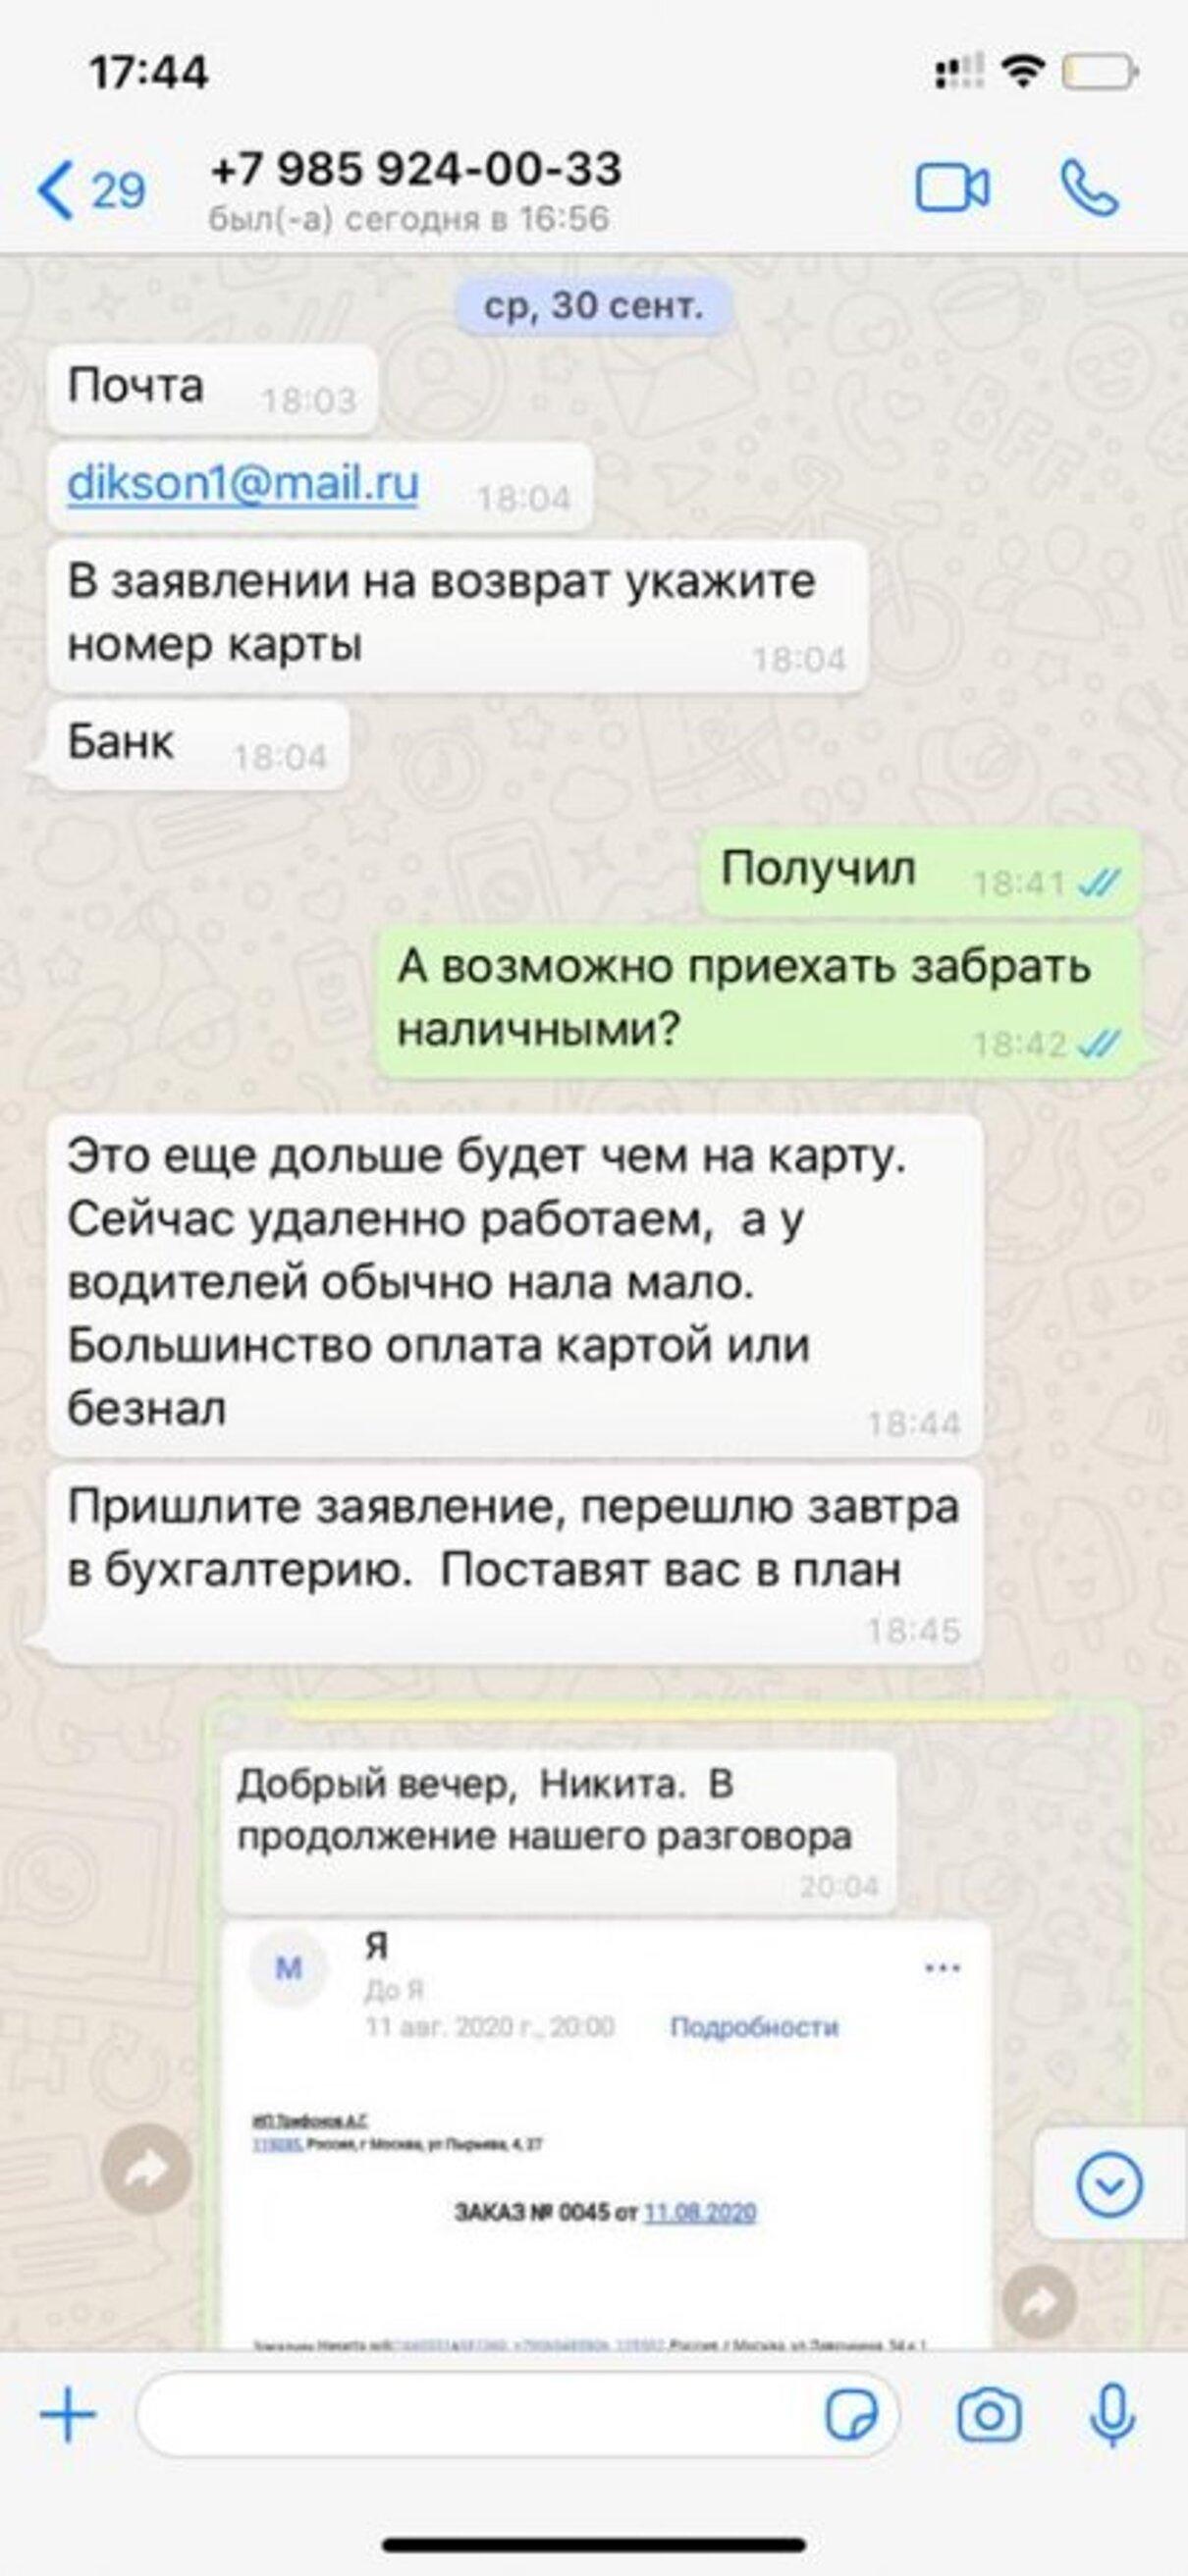 Жалоба-отзыв: Magazinmercedes.ru - Мошенники!!! Не привезли запчасти, не вернули деньги!!!.  Фото №4